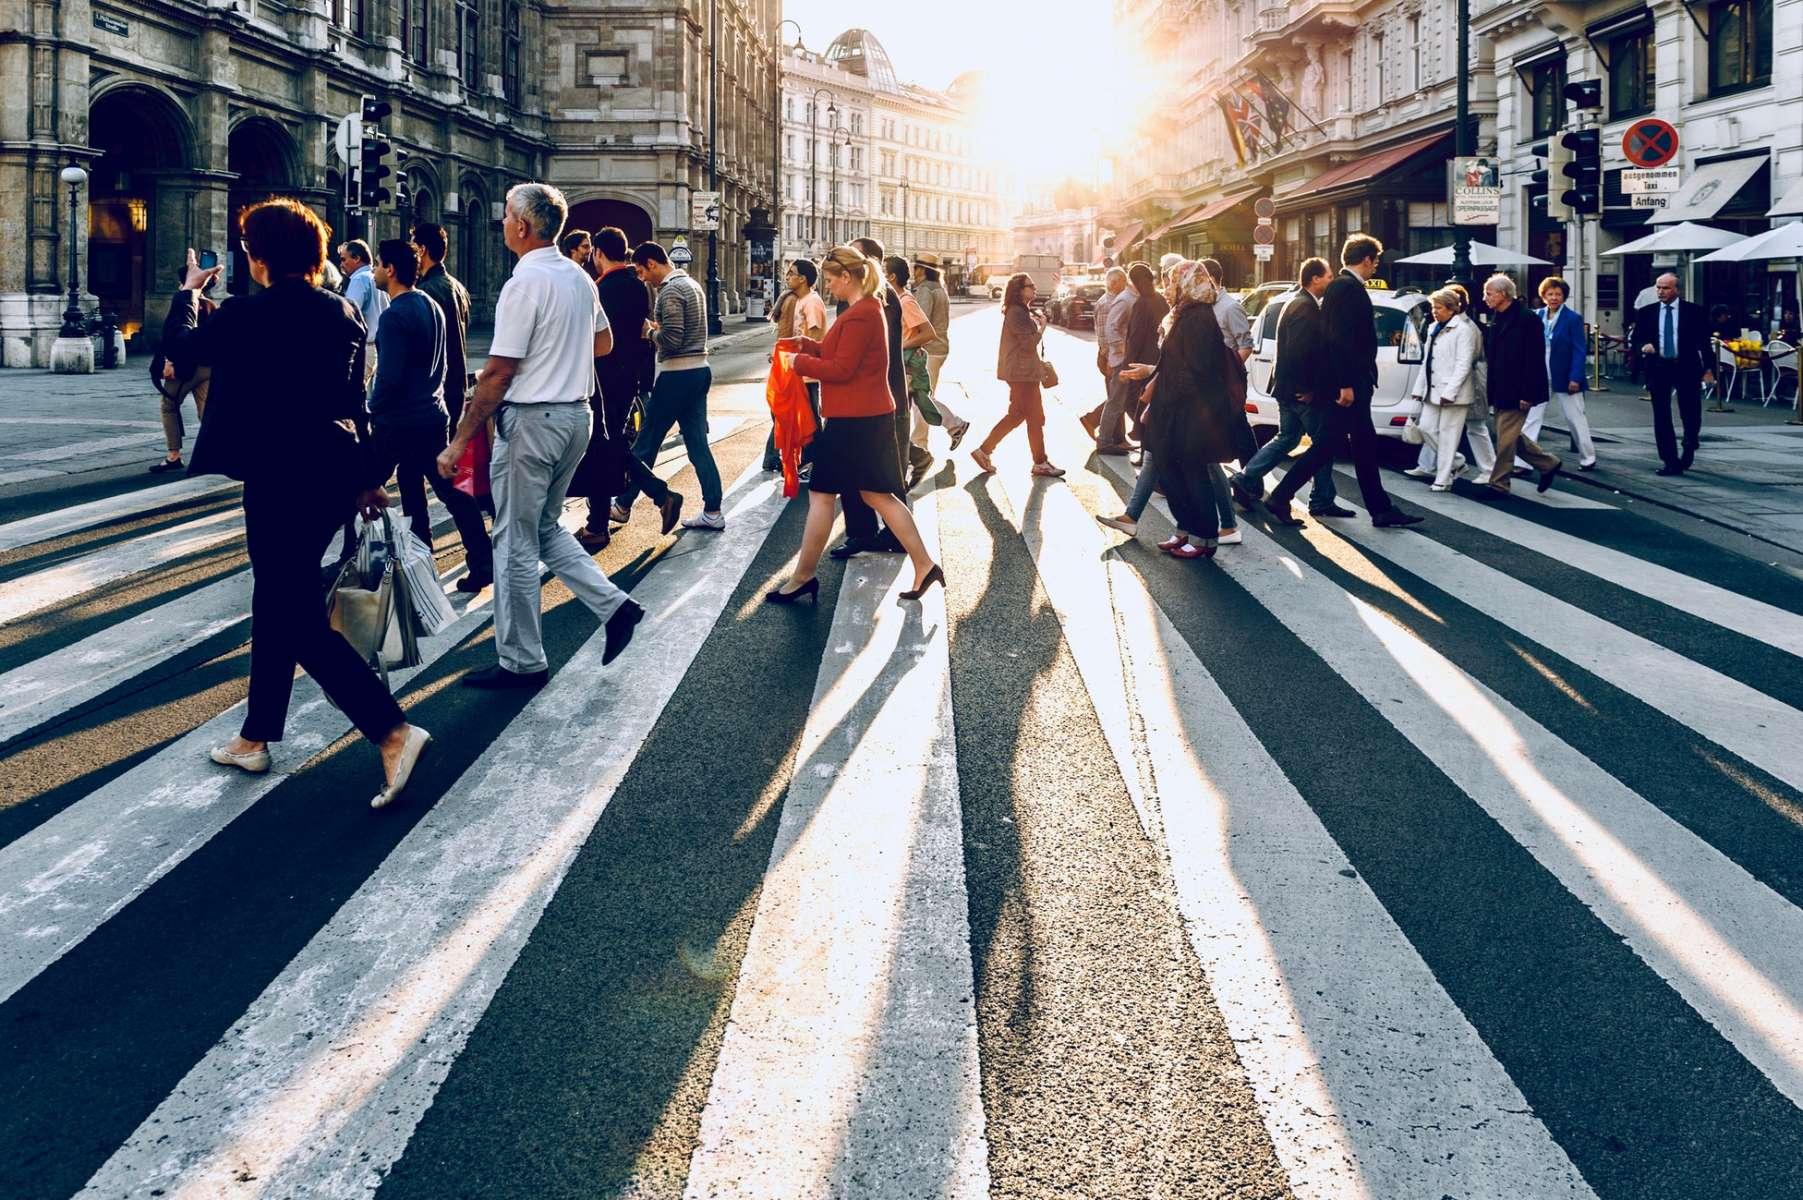 Emploi: s'adapter aux nouvelles technologies et maintenir les travailleurs plus âgés